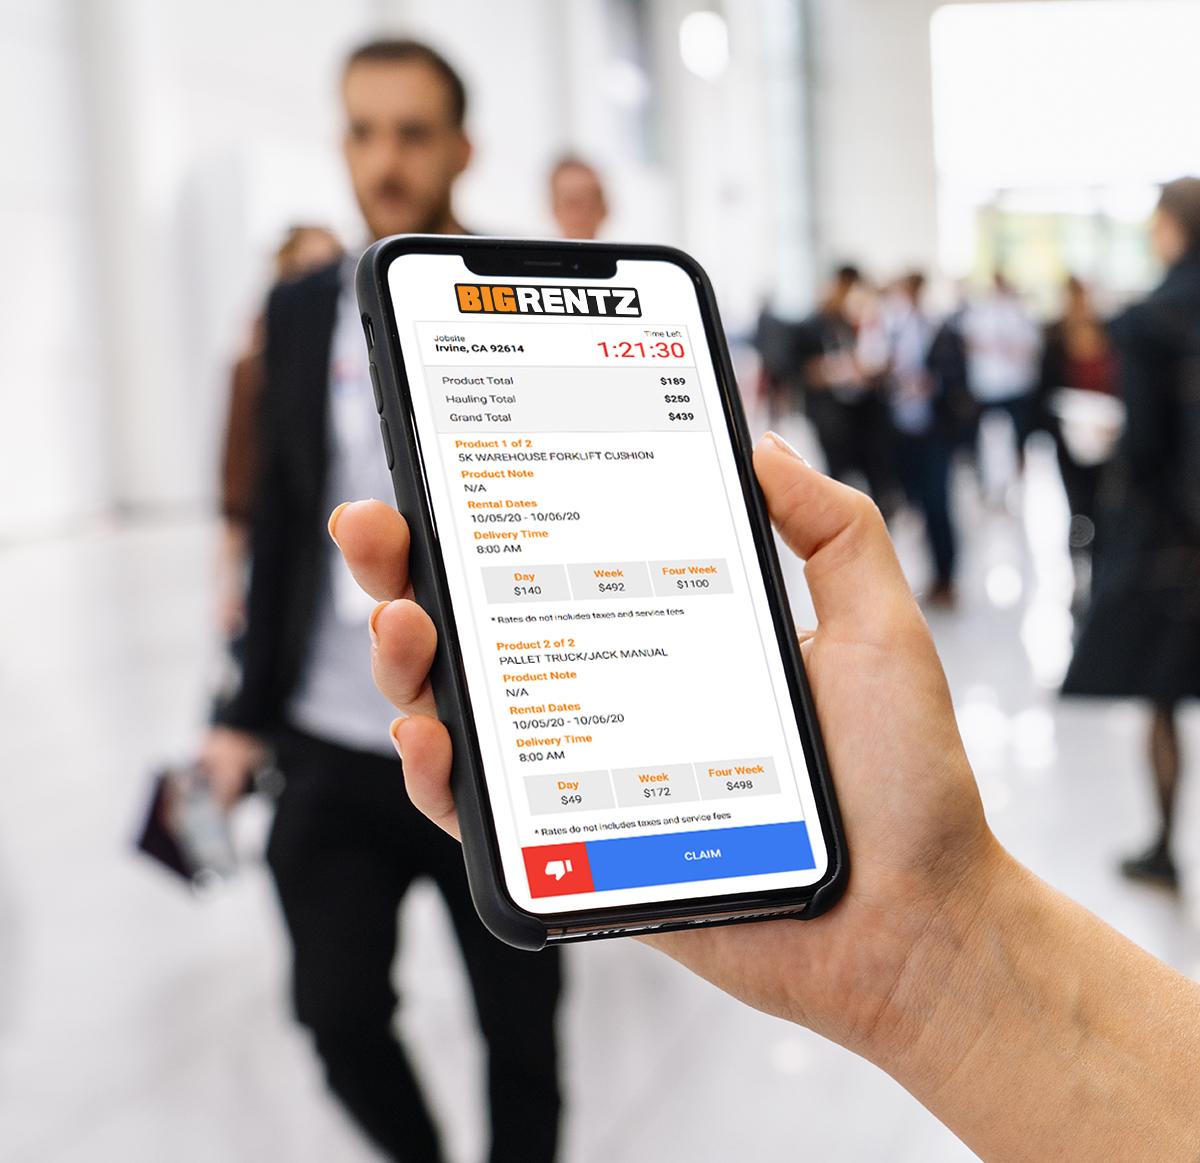 BigRentz Quickrentz app on phone